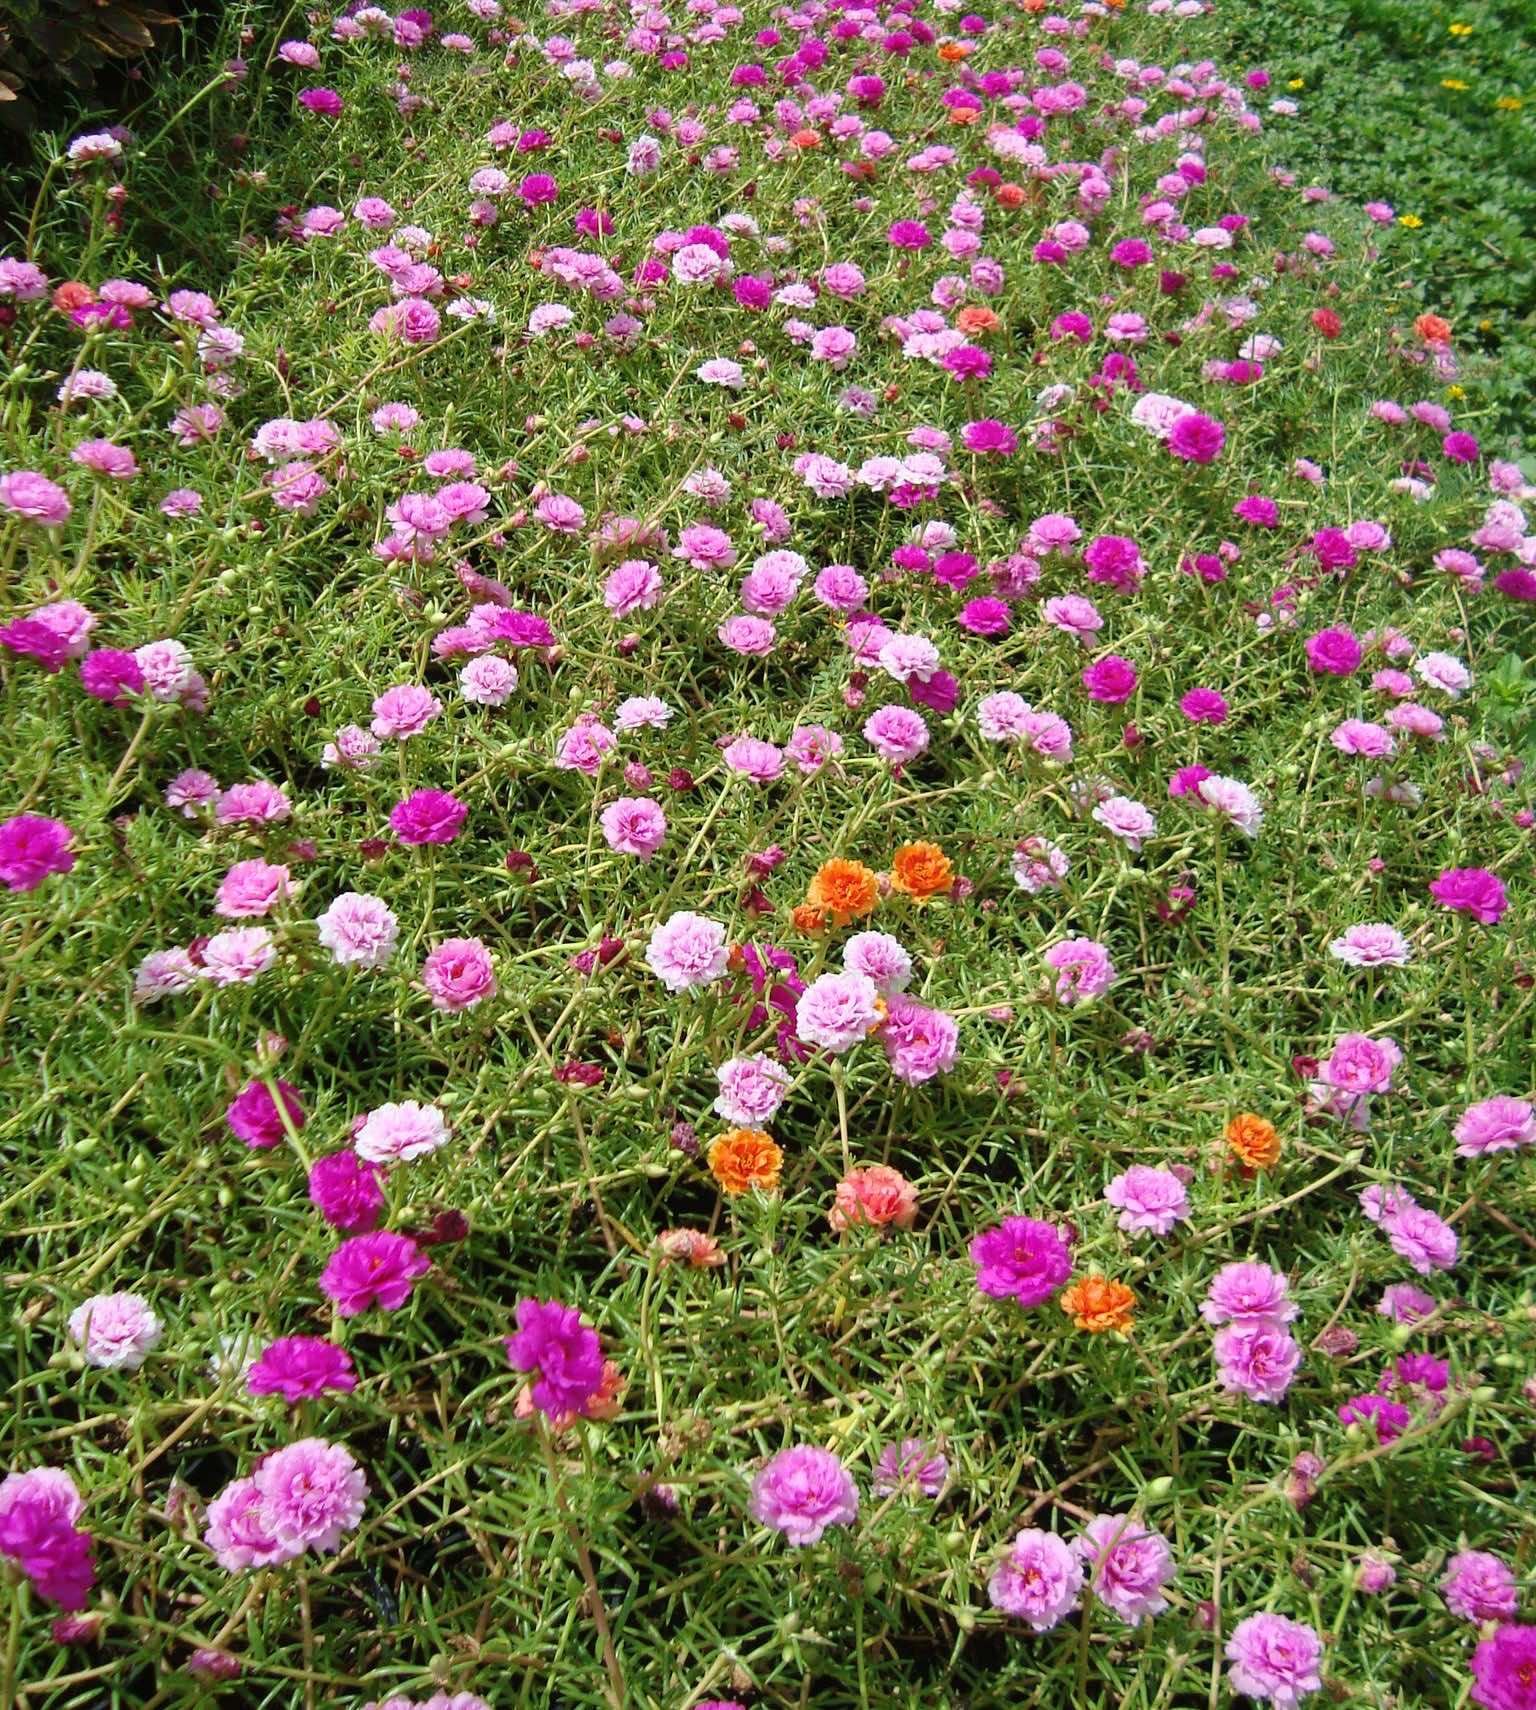 Hoa mười giờ giúp tô điểm cho ngôi nhà thêm xinh